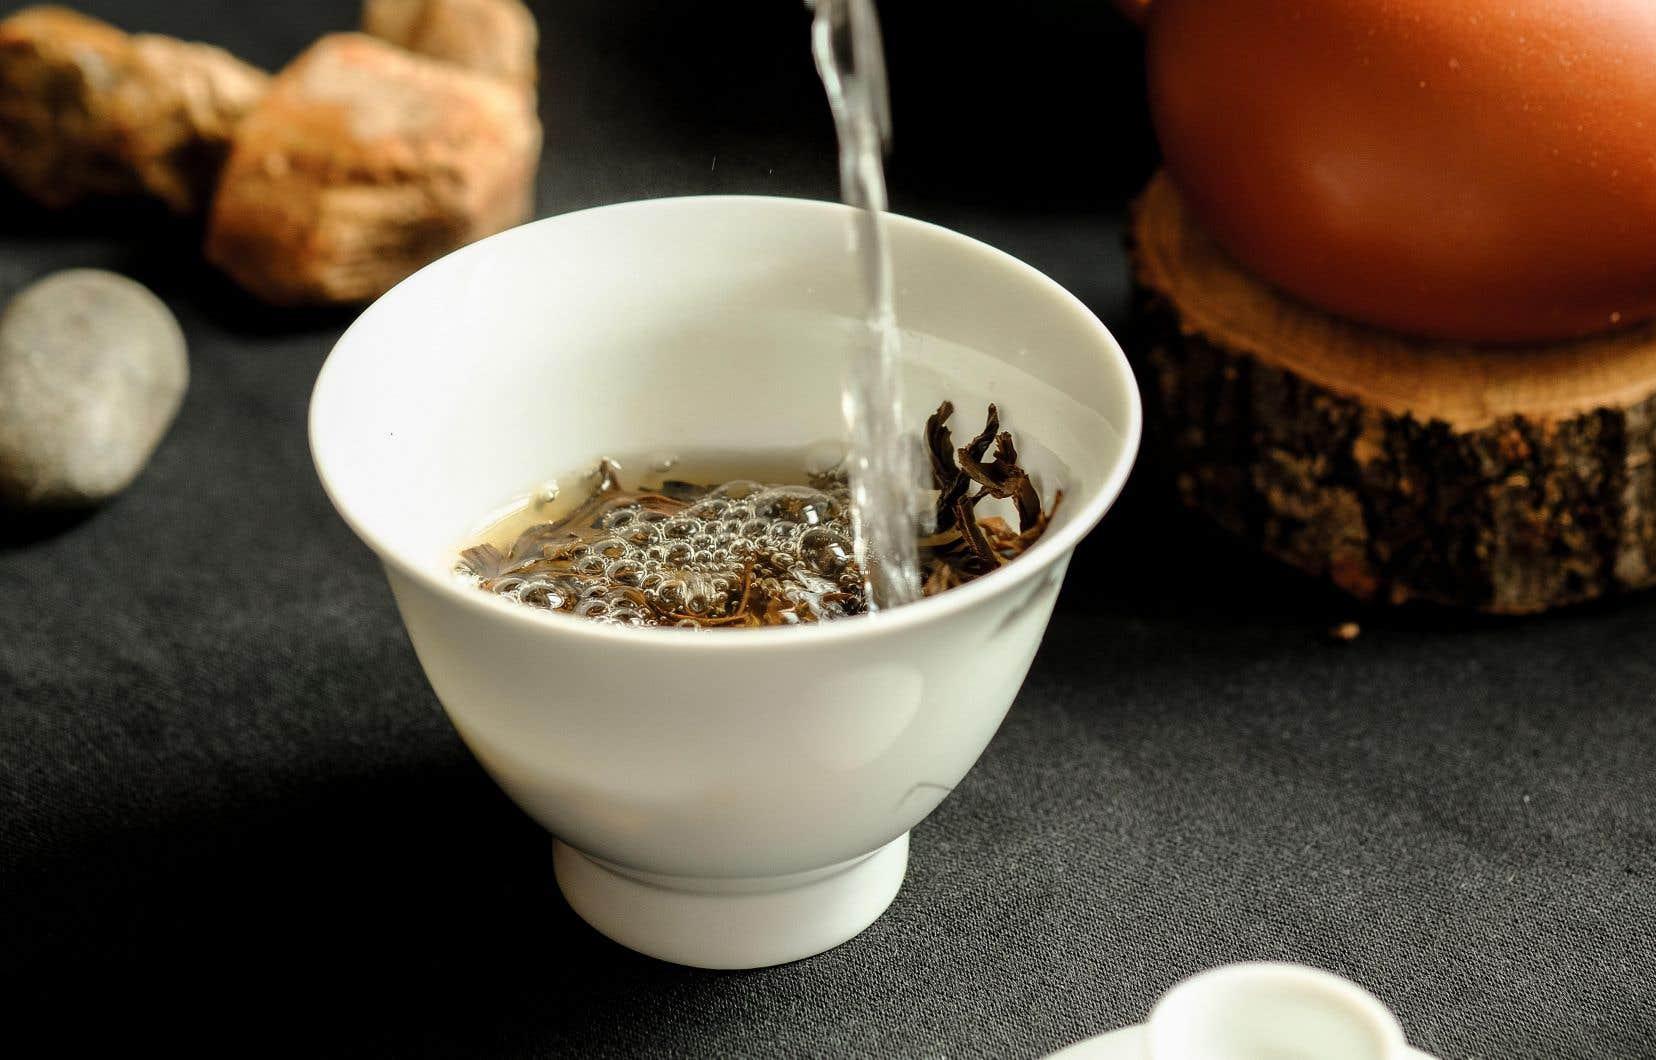 Pour se préparer une bonne tasse de thé, il faut savoir moduler la température et le temps d'infusion en fonction de chaque variété.